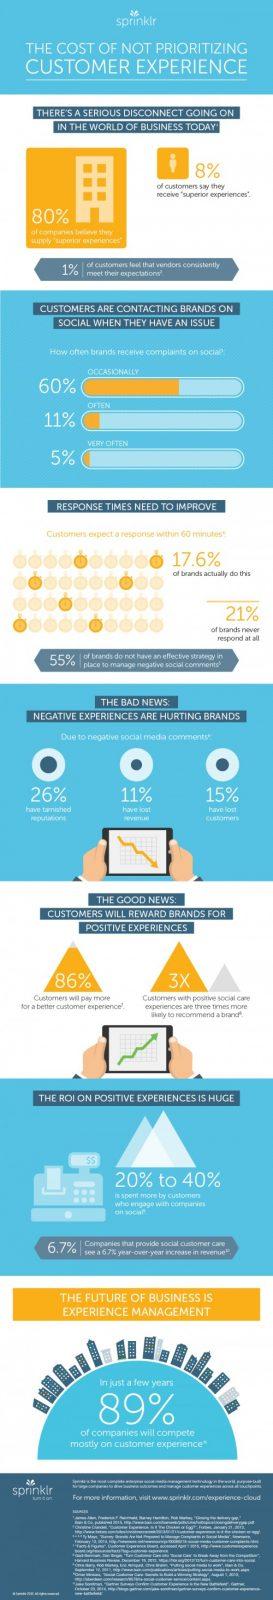 Você conhece verdadeiro custo de não atender as expectativas dos clientes?